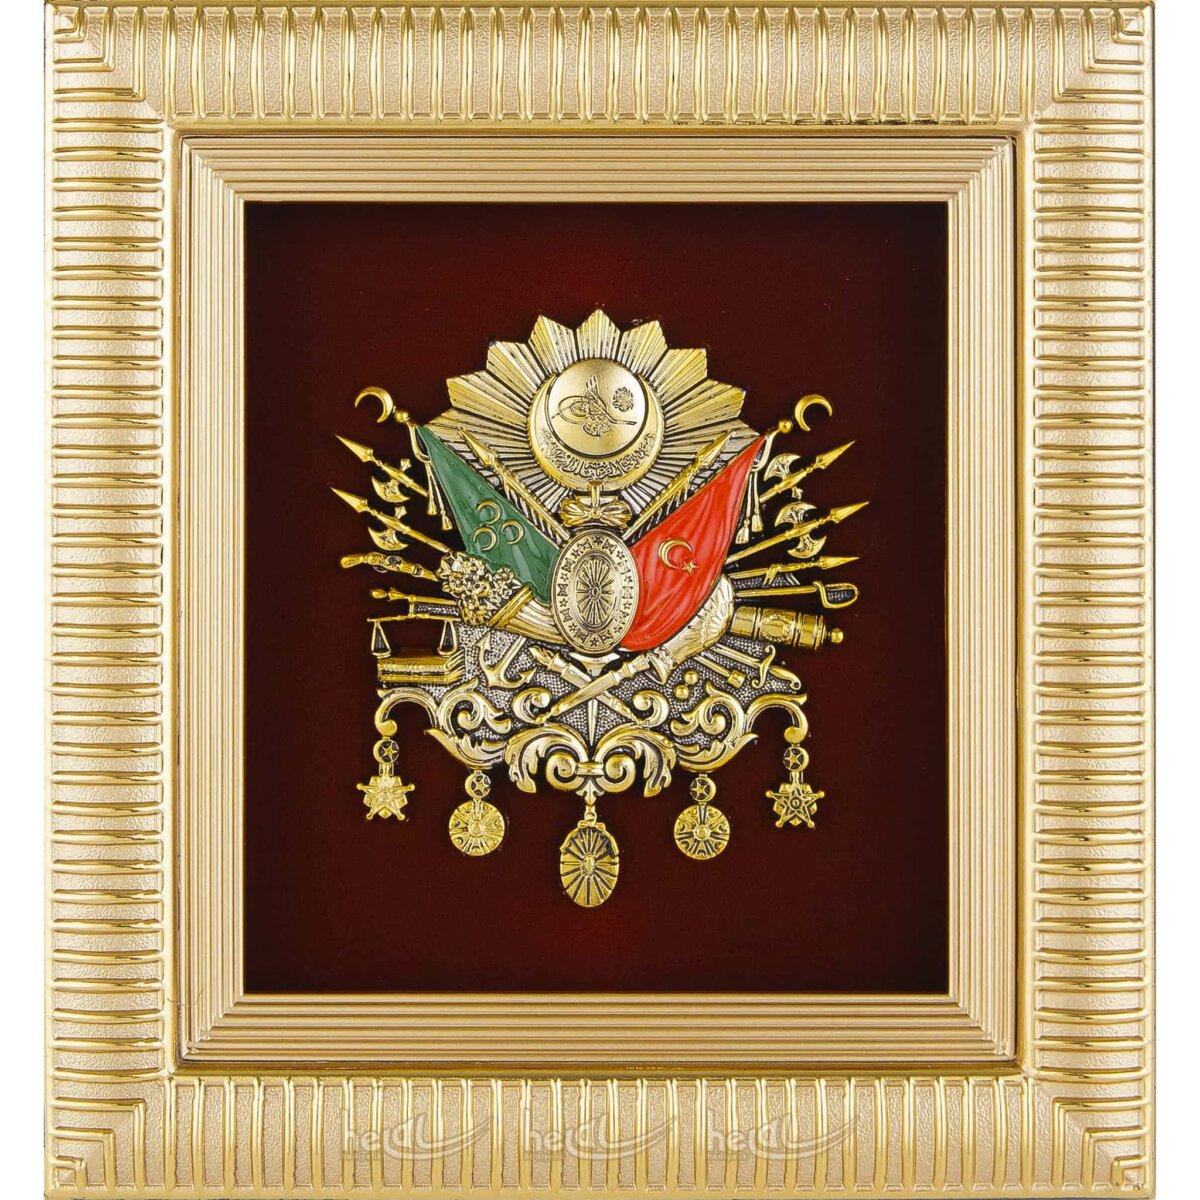 18x20cm Osmanlı Devlet Arması Masa Üstü ve Duvara Çerçeveli Mini Tablo Osmanlı Armaları